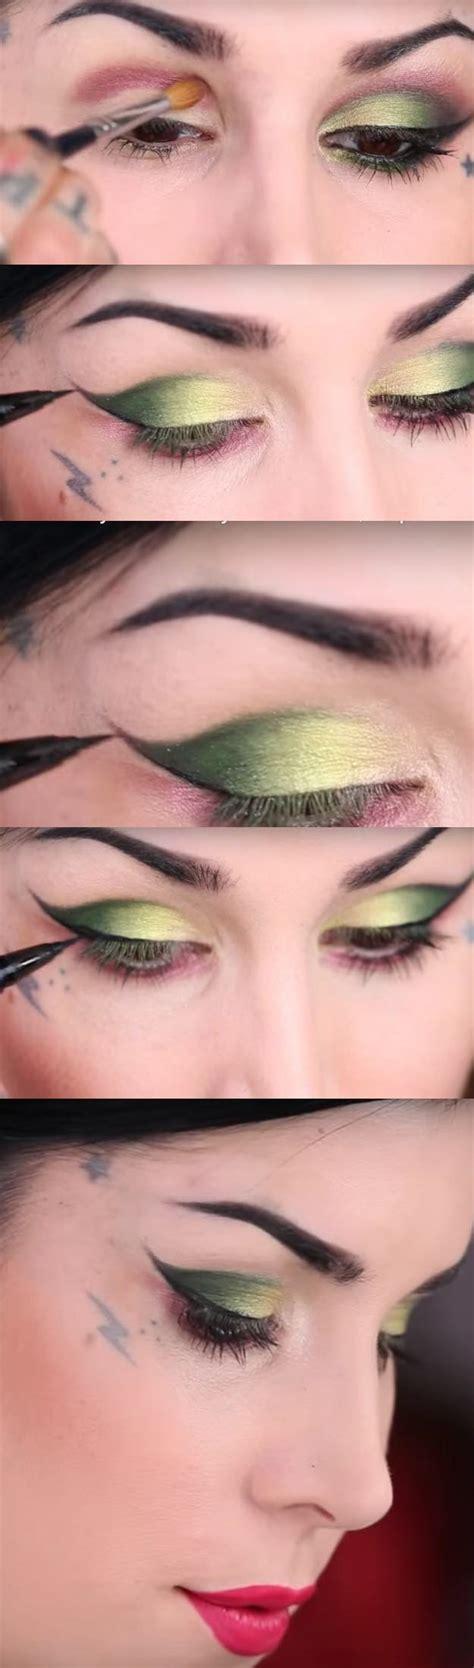 natural makeup tutorial over 50 natural makeup for green eyes cat eye makeup